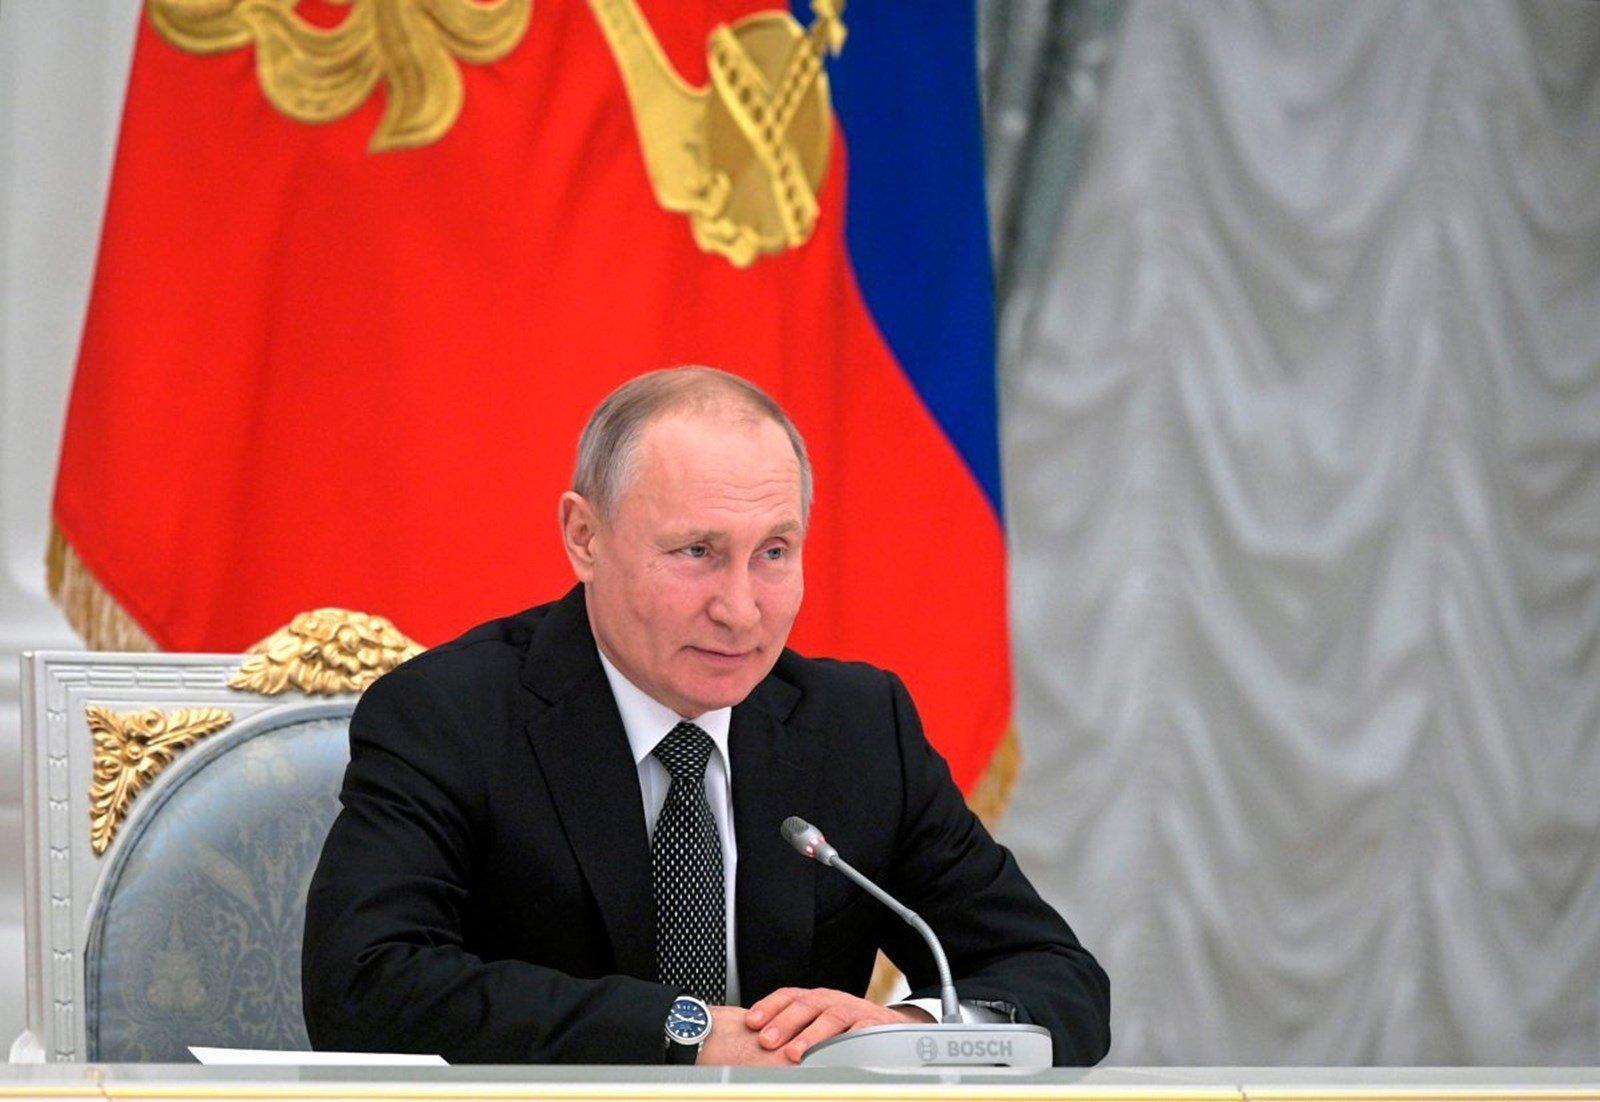 СМИ Австрии: Владимир Путин может начать всё сначала в 2024 году